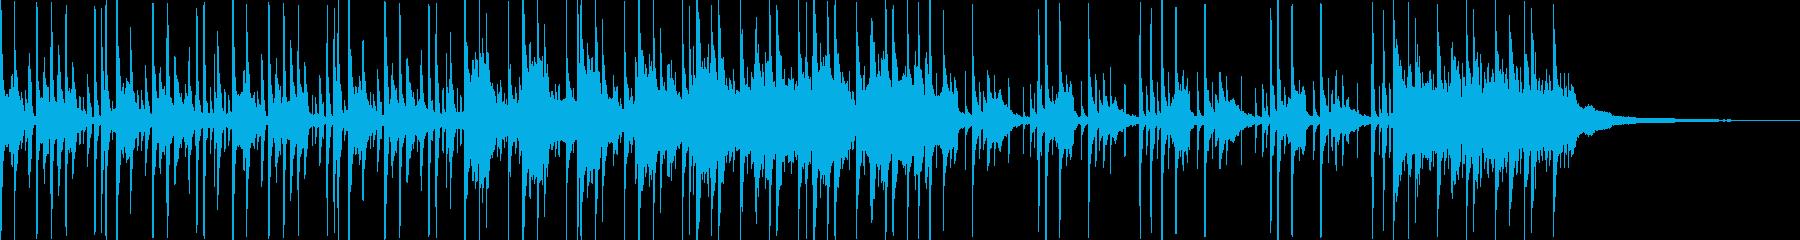 ドラム・ピアノ打ち込み音源の再生済みの波形